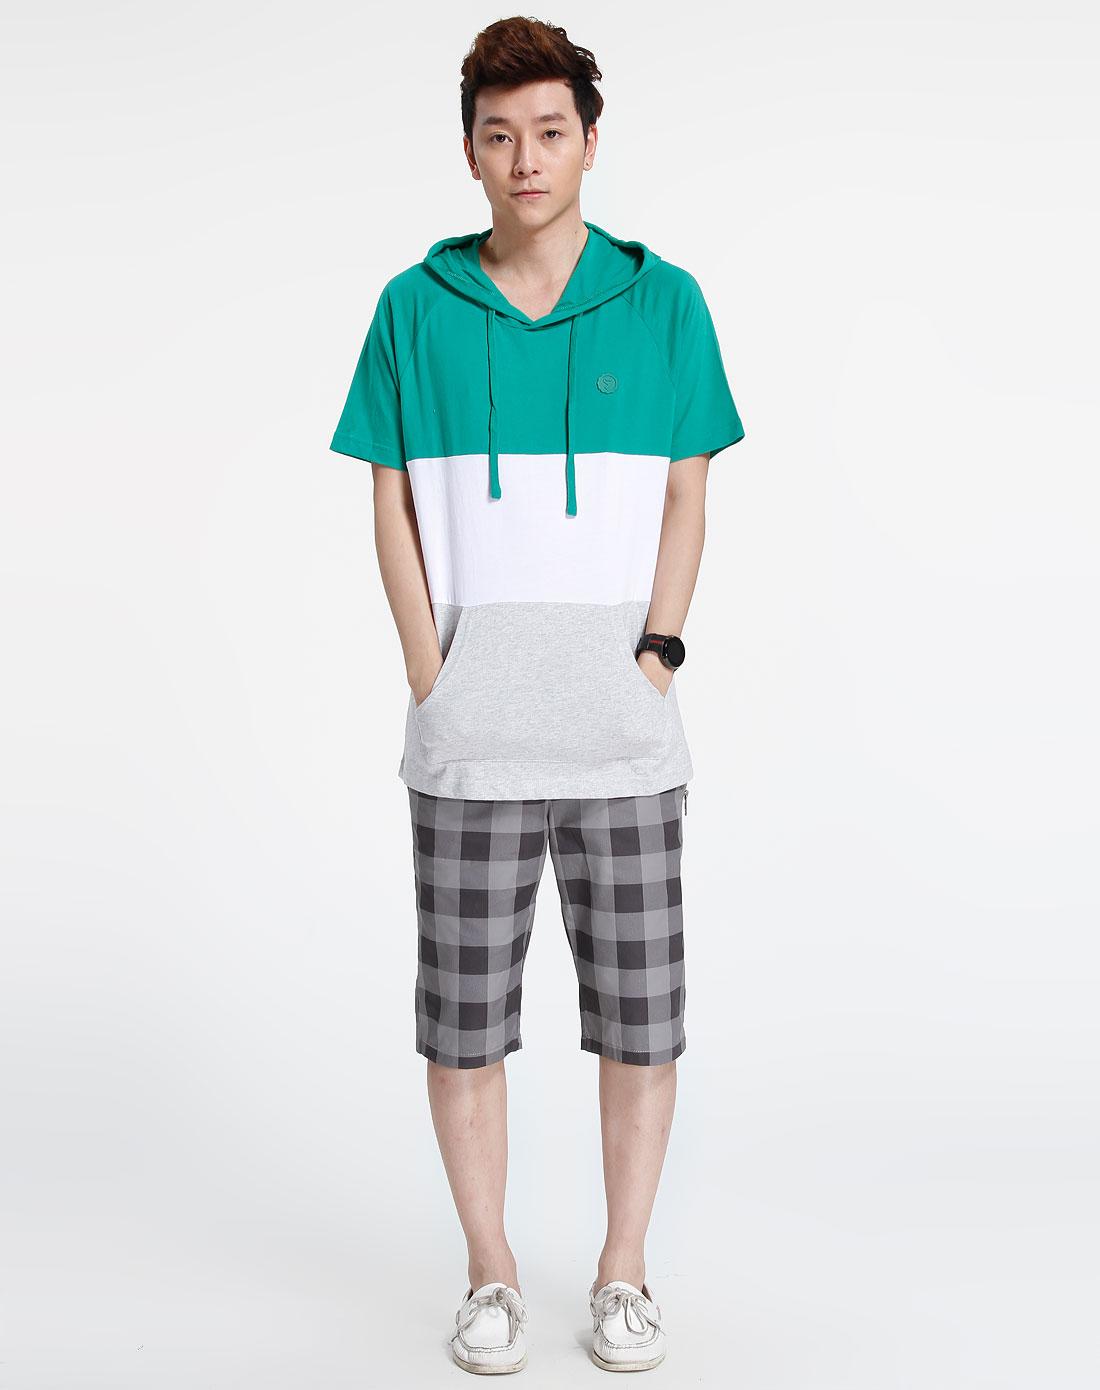 森马-男装-绿色短袖个性上衣图片